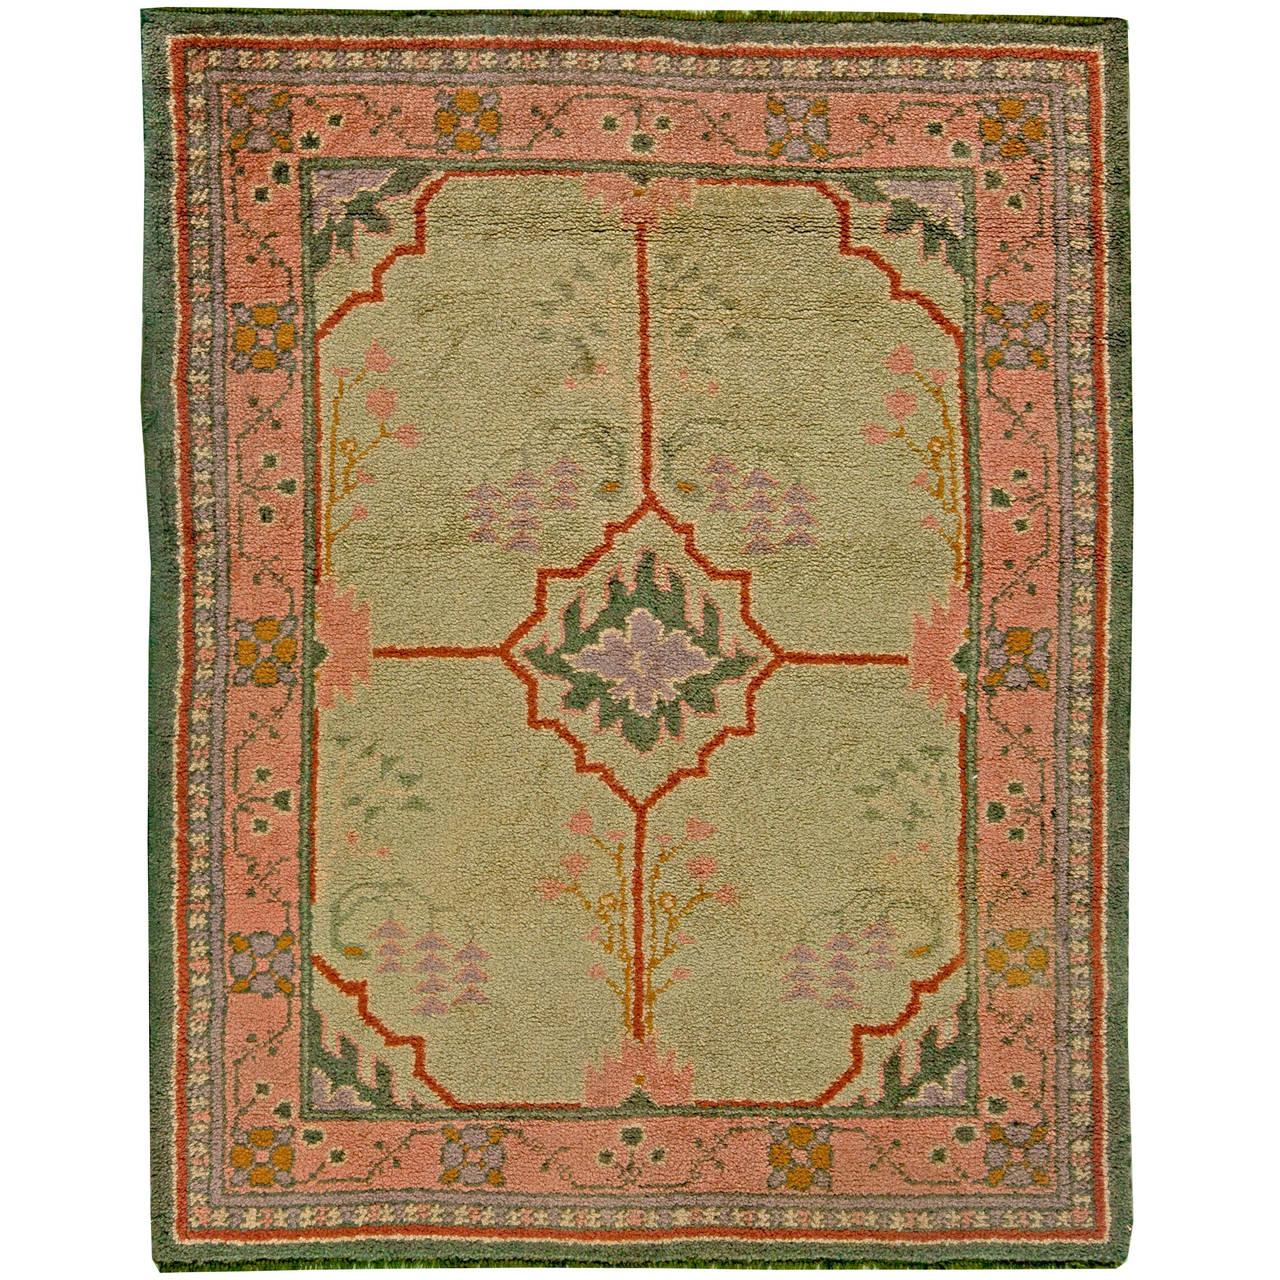 vintage arts and craft rug by voysey at 1stdibs. Black Bedroom Furniture Sets. Home Design Ideas